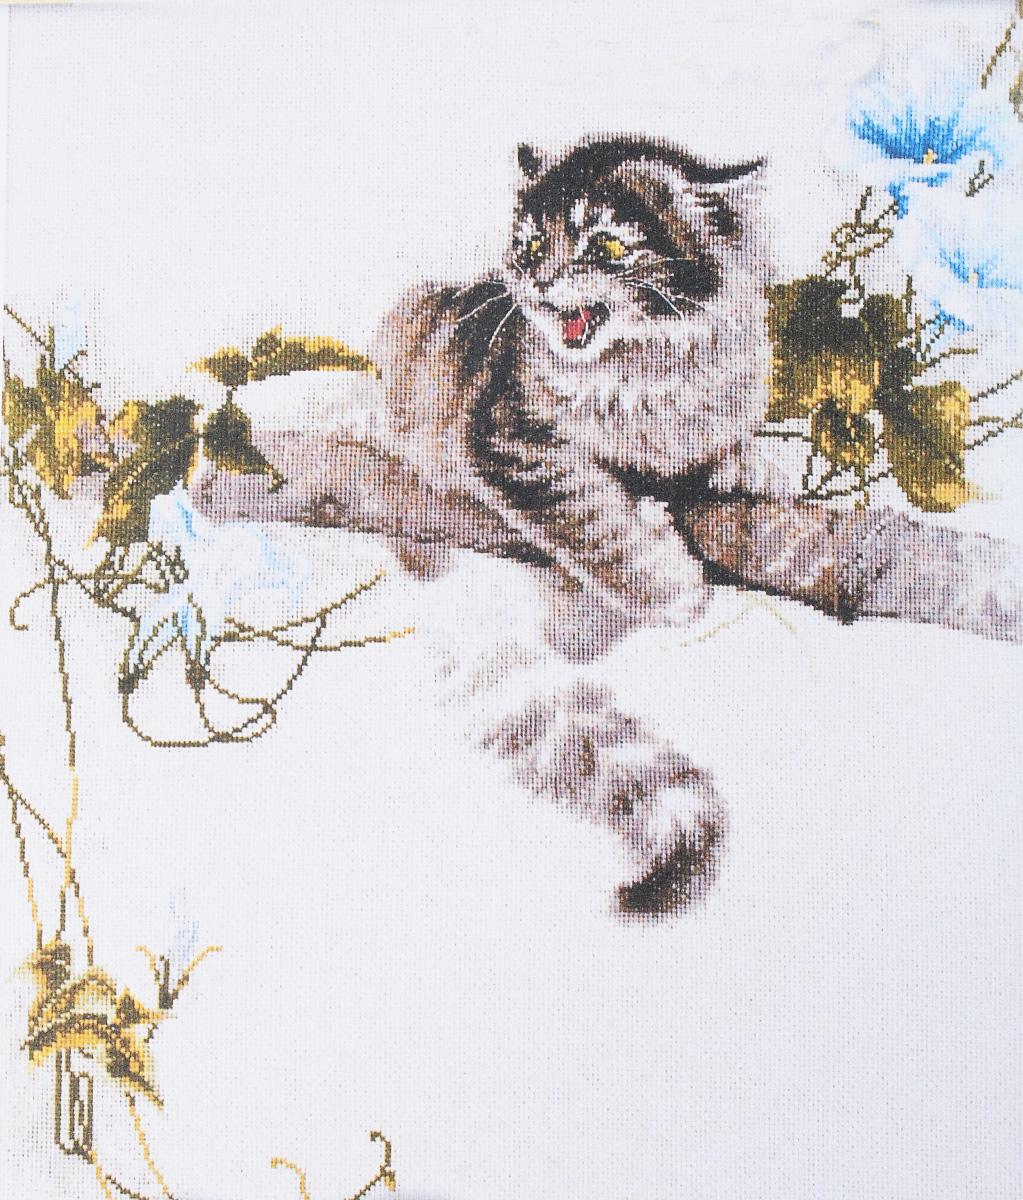 вышивка кот на дереве схема